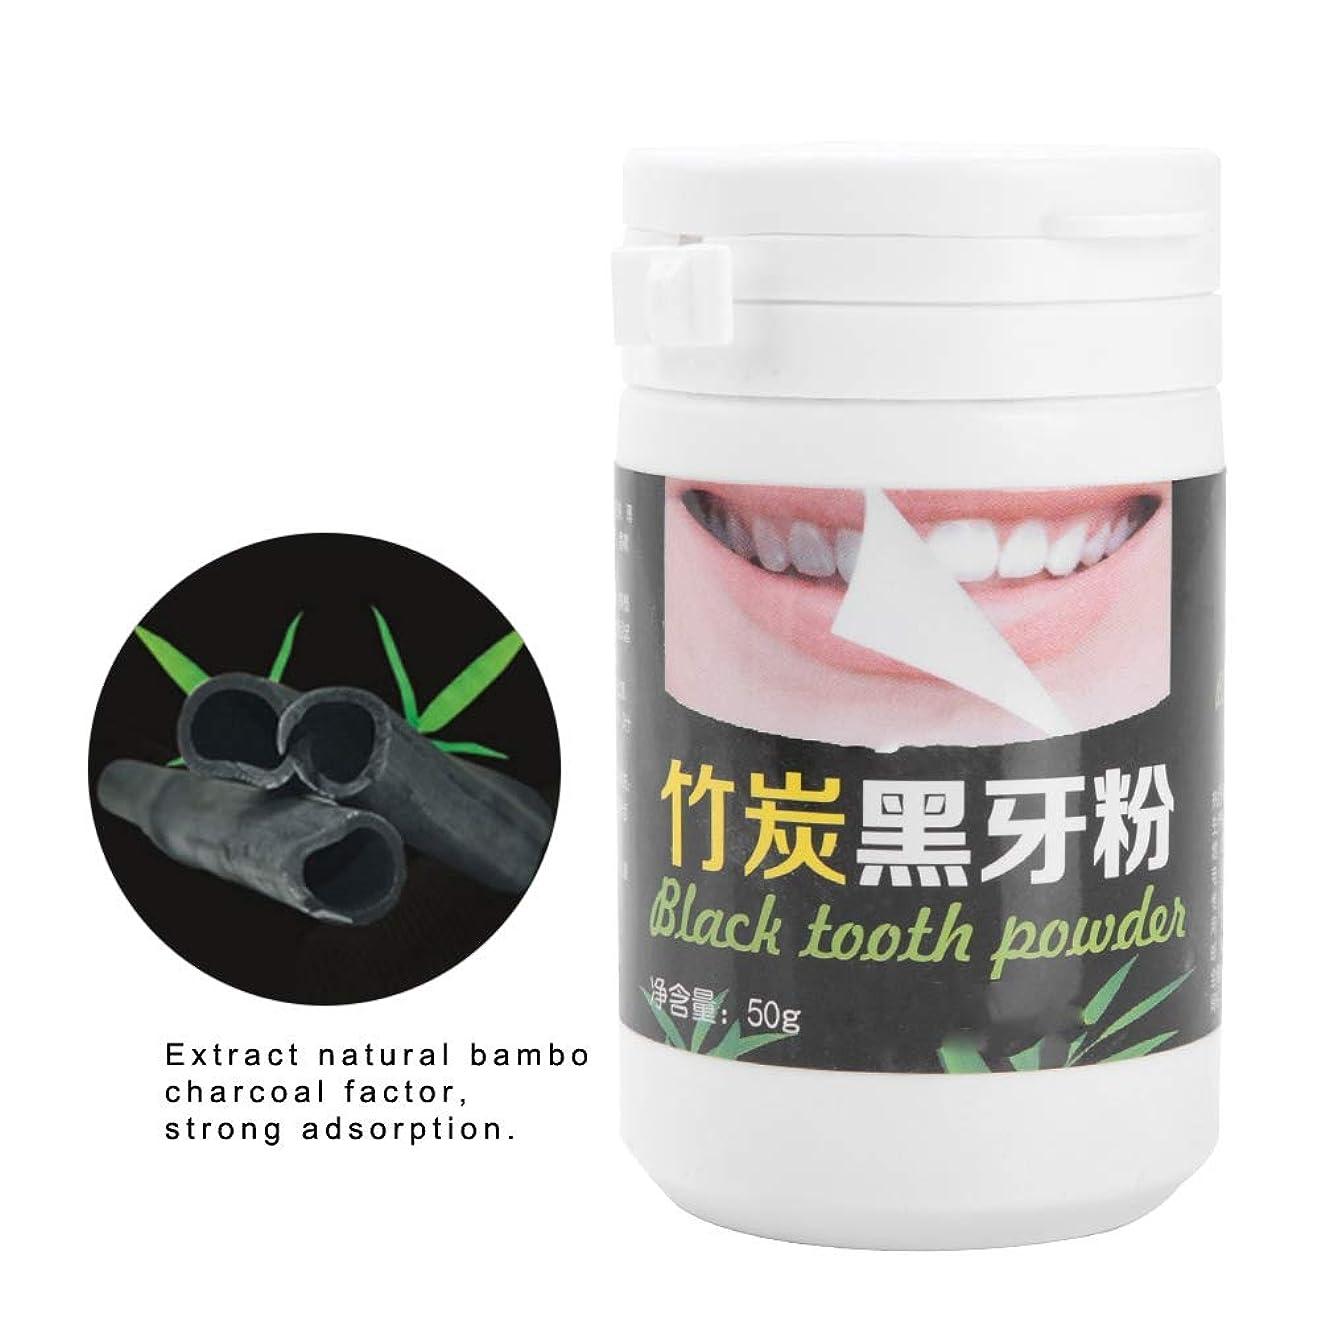 一致陪審冬歯の手入れをする有効な汚れの除去剤 - 汚れの除去剤の粉を白くする口腔歯の心配の自然な活動化させた木炭粉